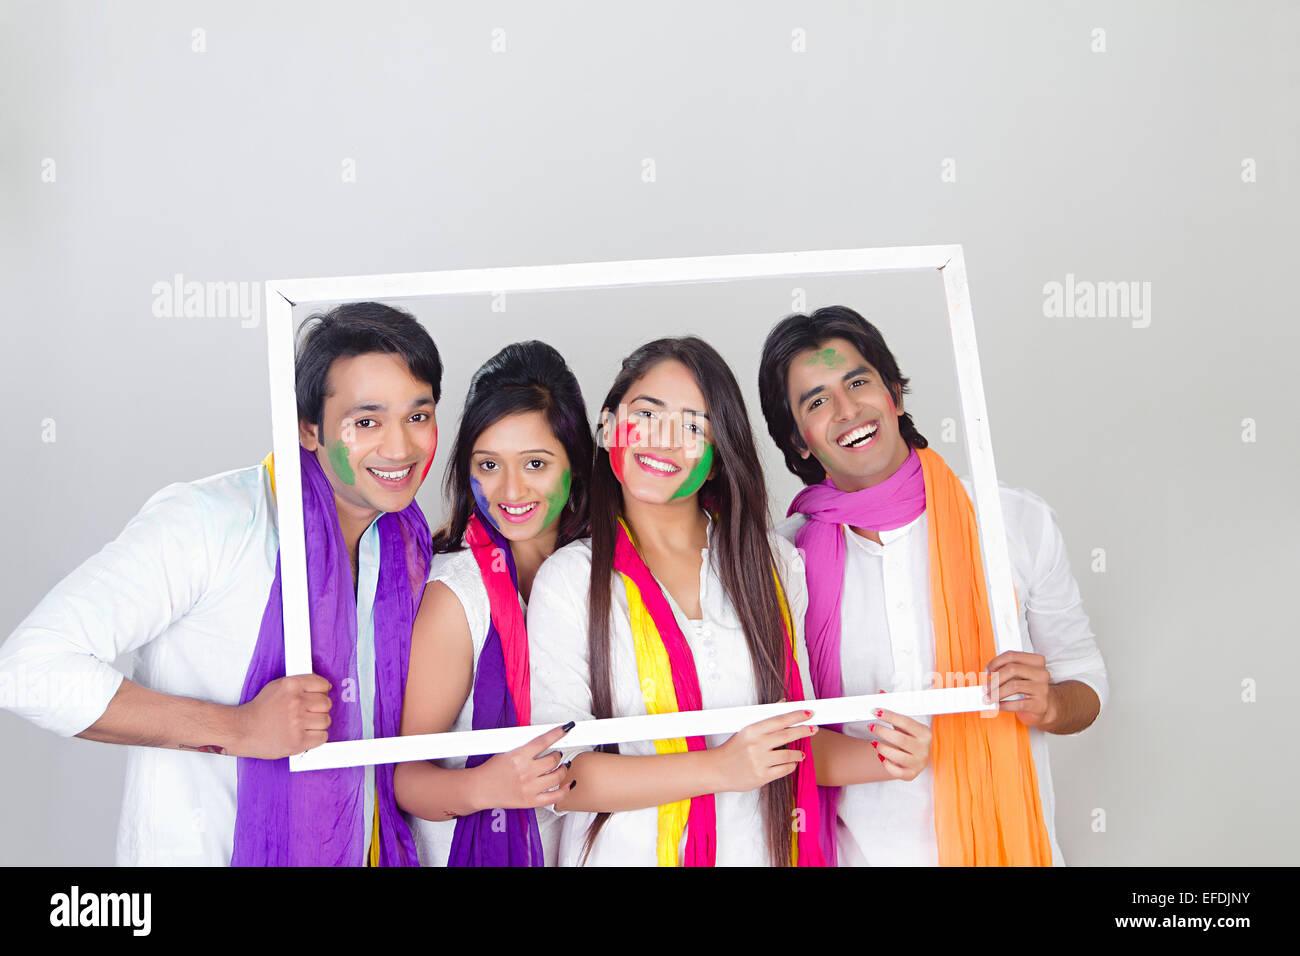 indische Freunde Holi Festival Bilderrahmen Stockfoto, Bild ...